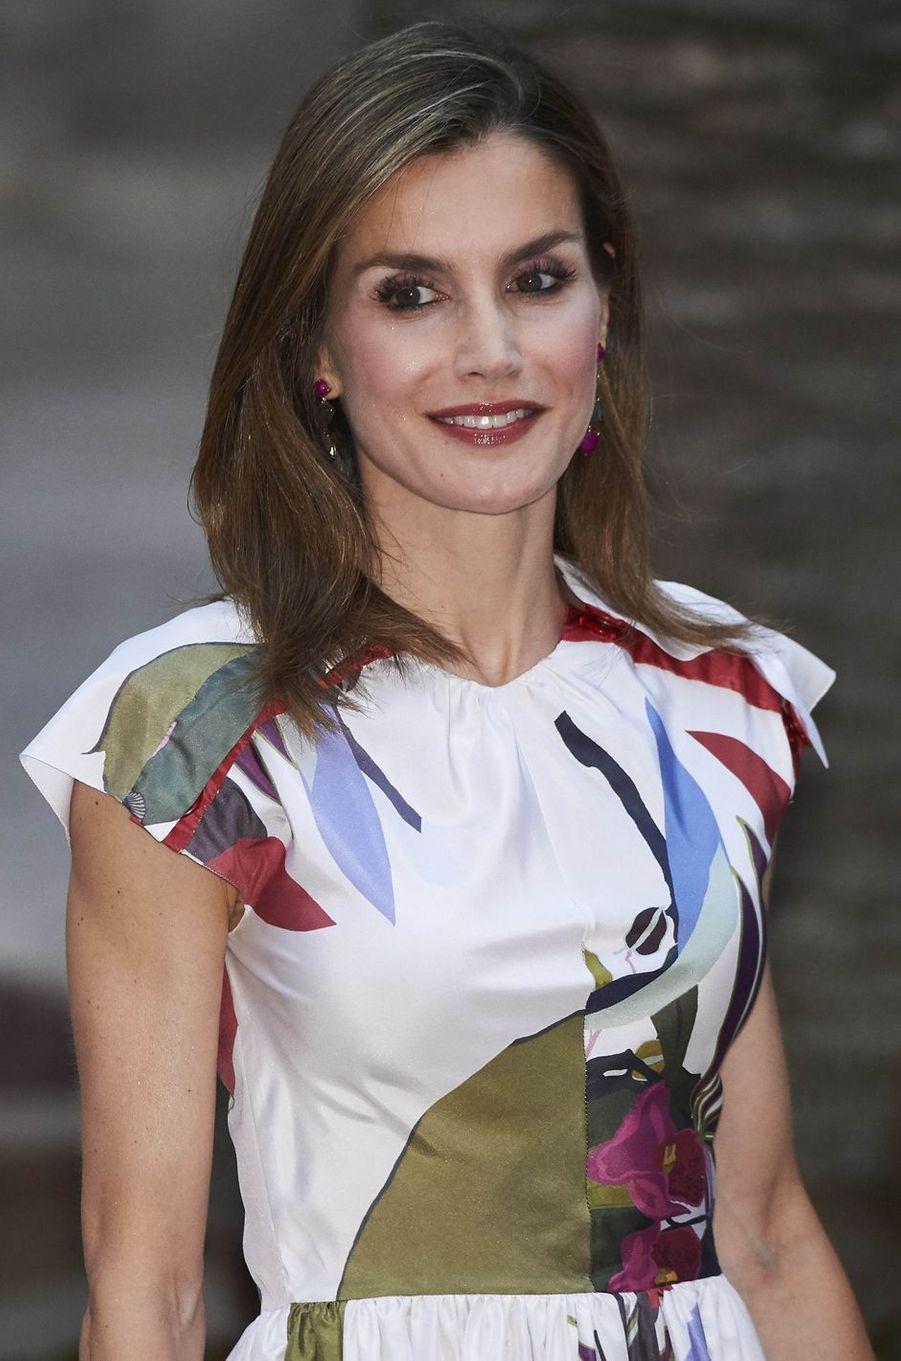 La reine Letizia d'Espagne à Palma de Majorque, le 7 août 2016